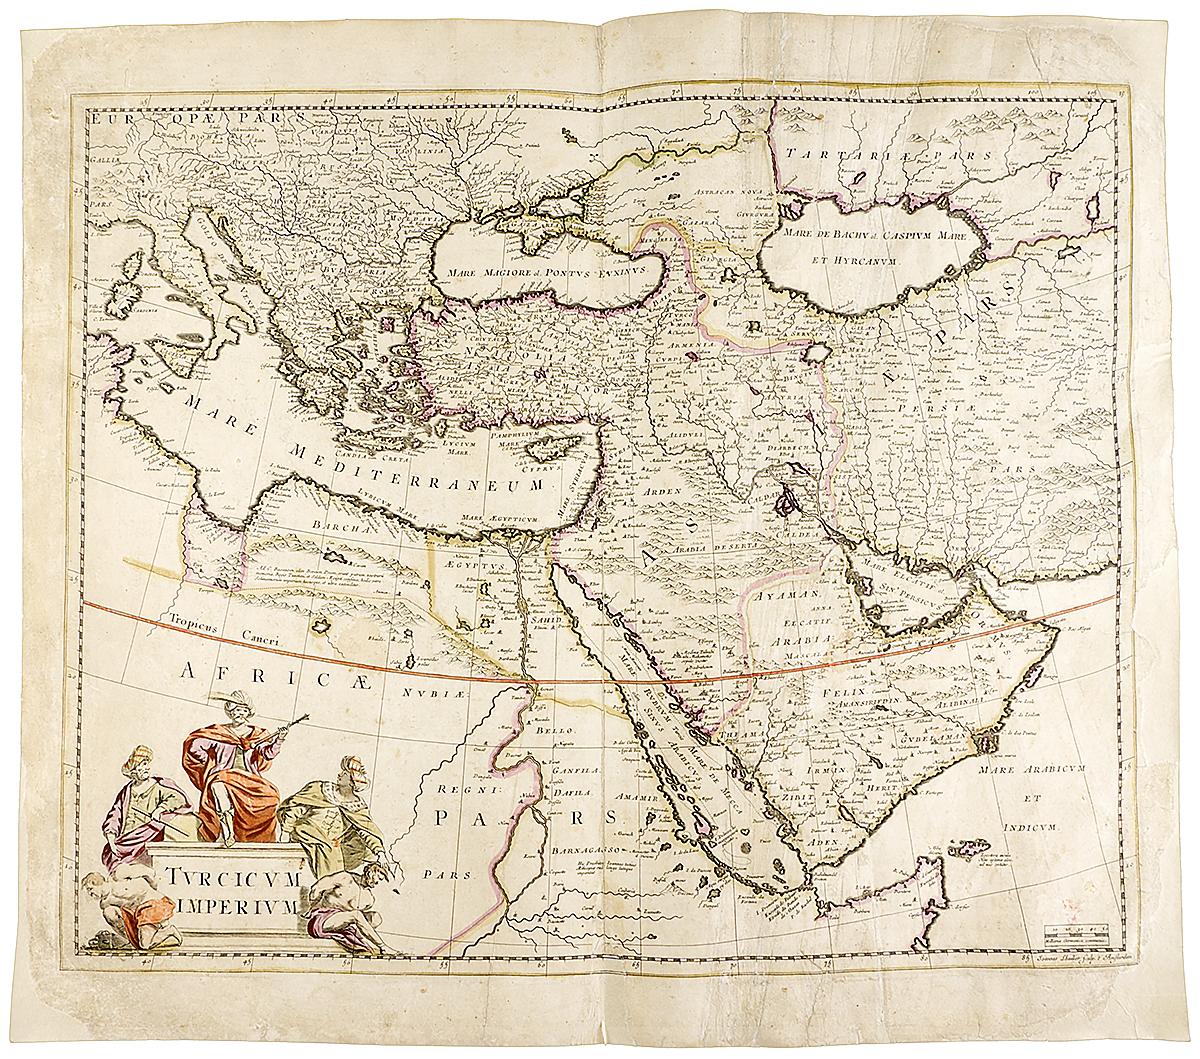 Географическая карта Турецкой Империи. Гравюра, Нидерланды, около 1650 года